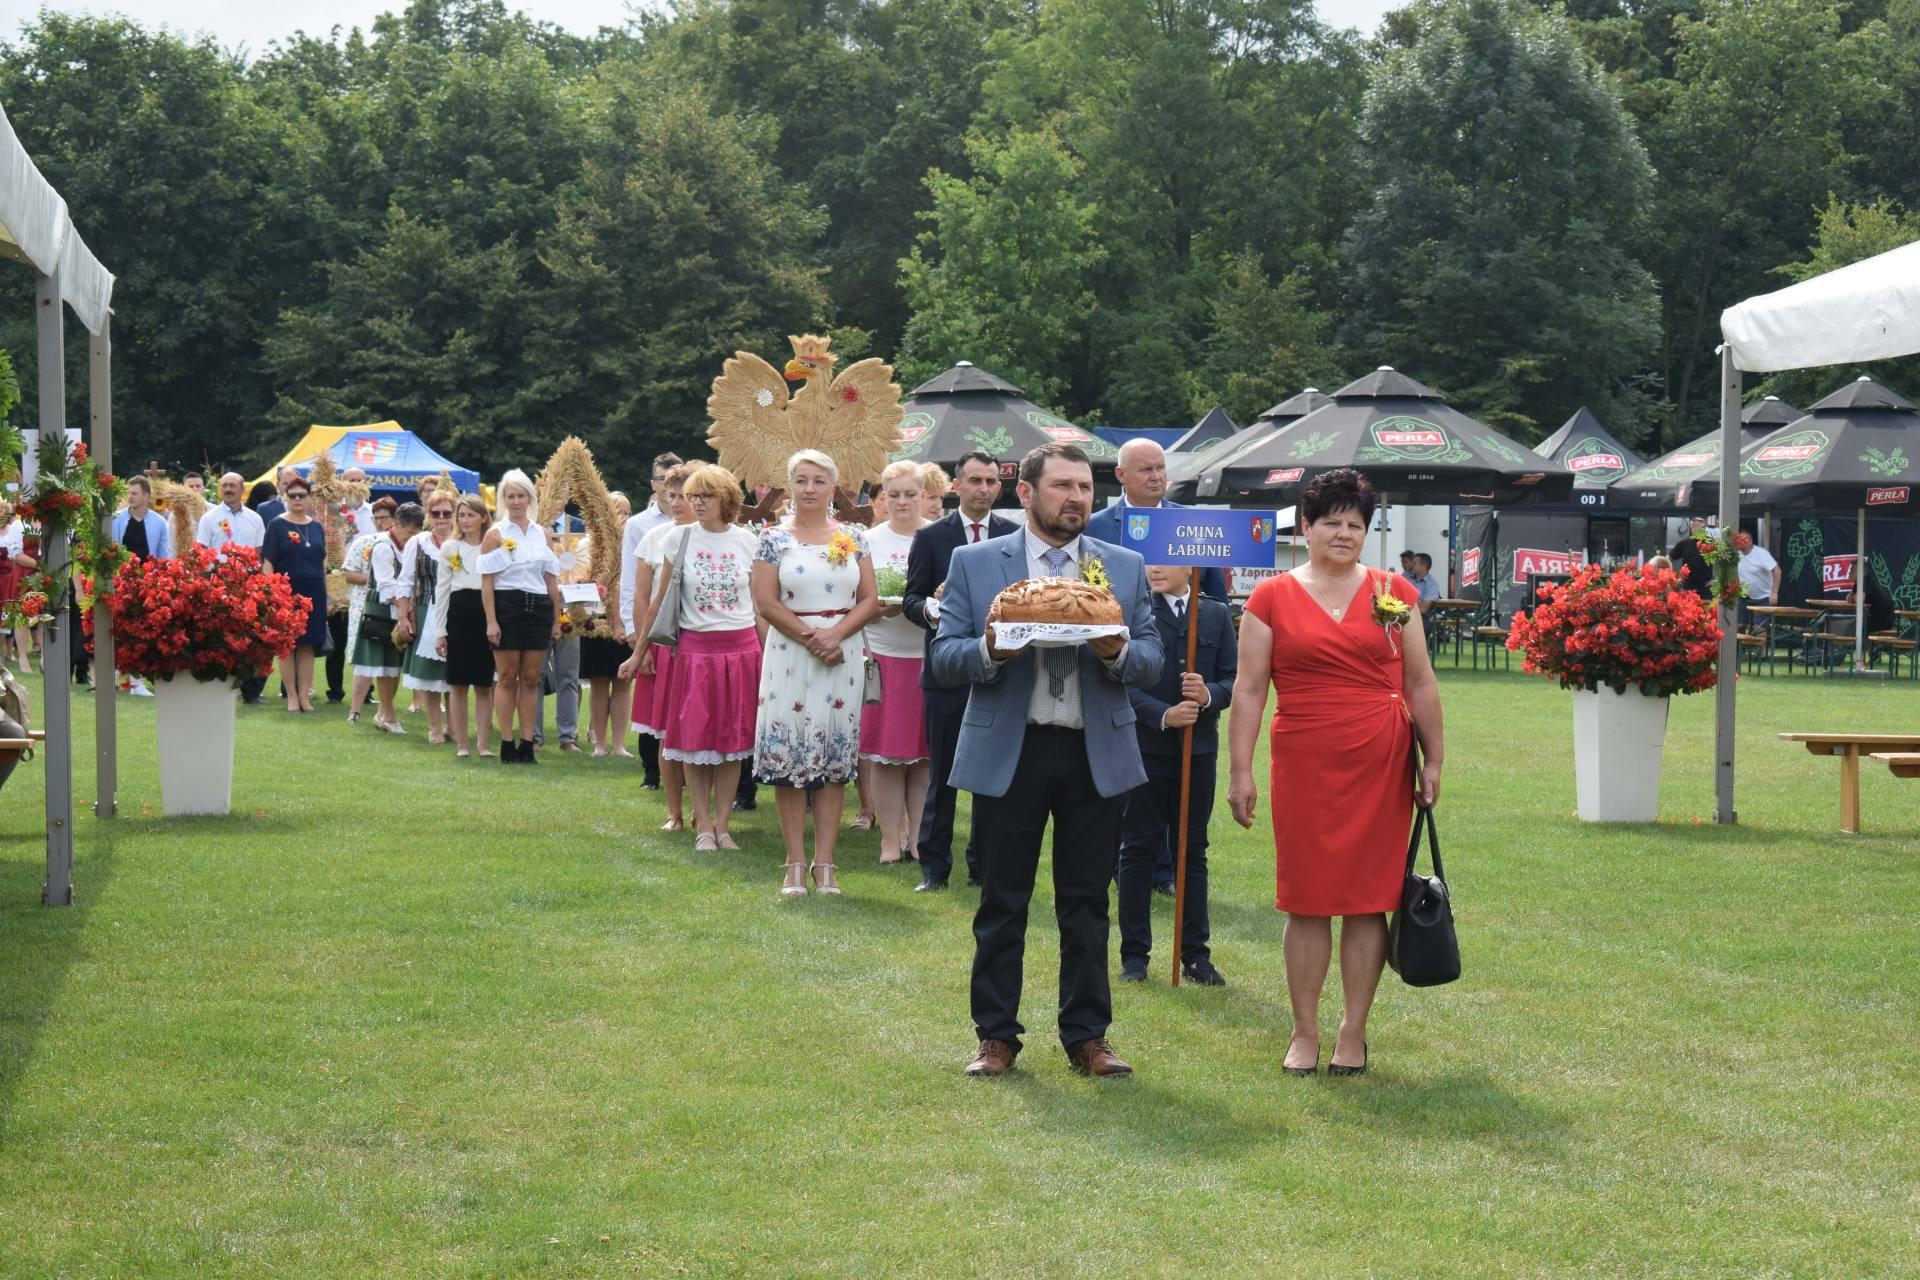 dsc 0612 23 sierpnia odbyły się Dożynki Powiatowo-Gminne w Łabuniach. Publikujemy zdjęcia